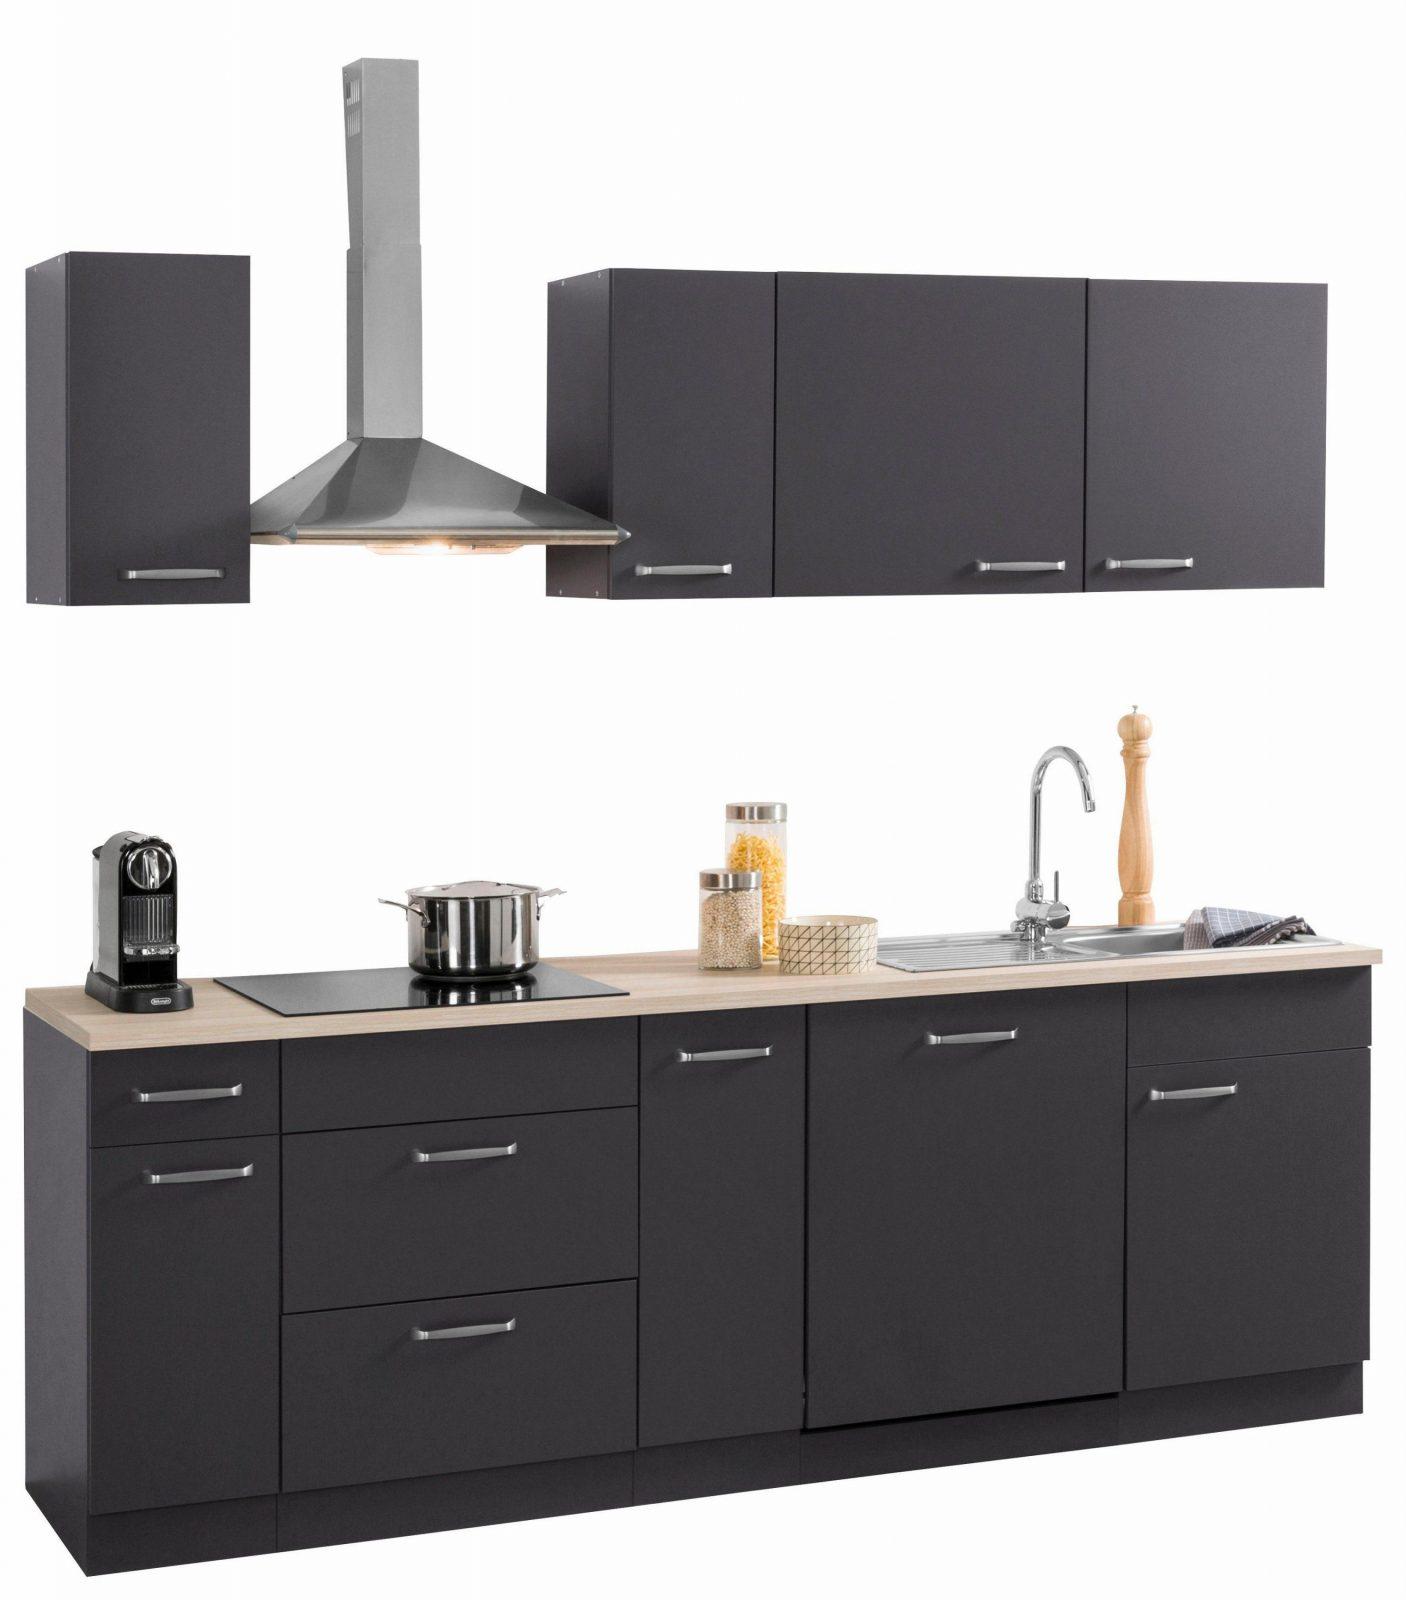 Küchen Küchenzeile Mit Egeräten Basel Breite 230 Cm Kaufen  Baur von Küchenzeile 230 Cm Breit Photo